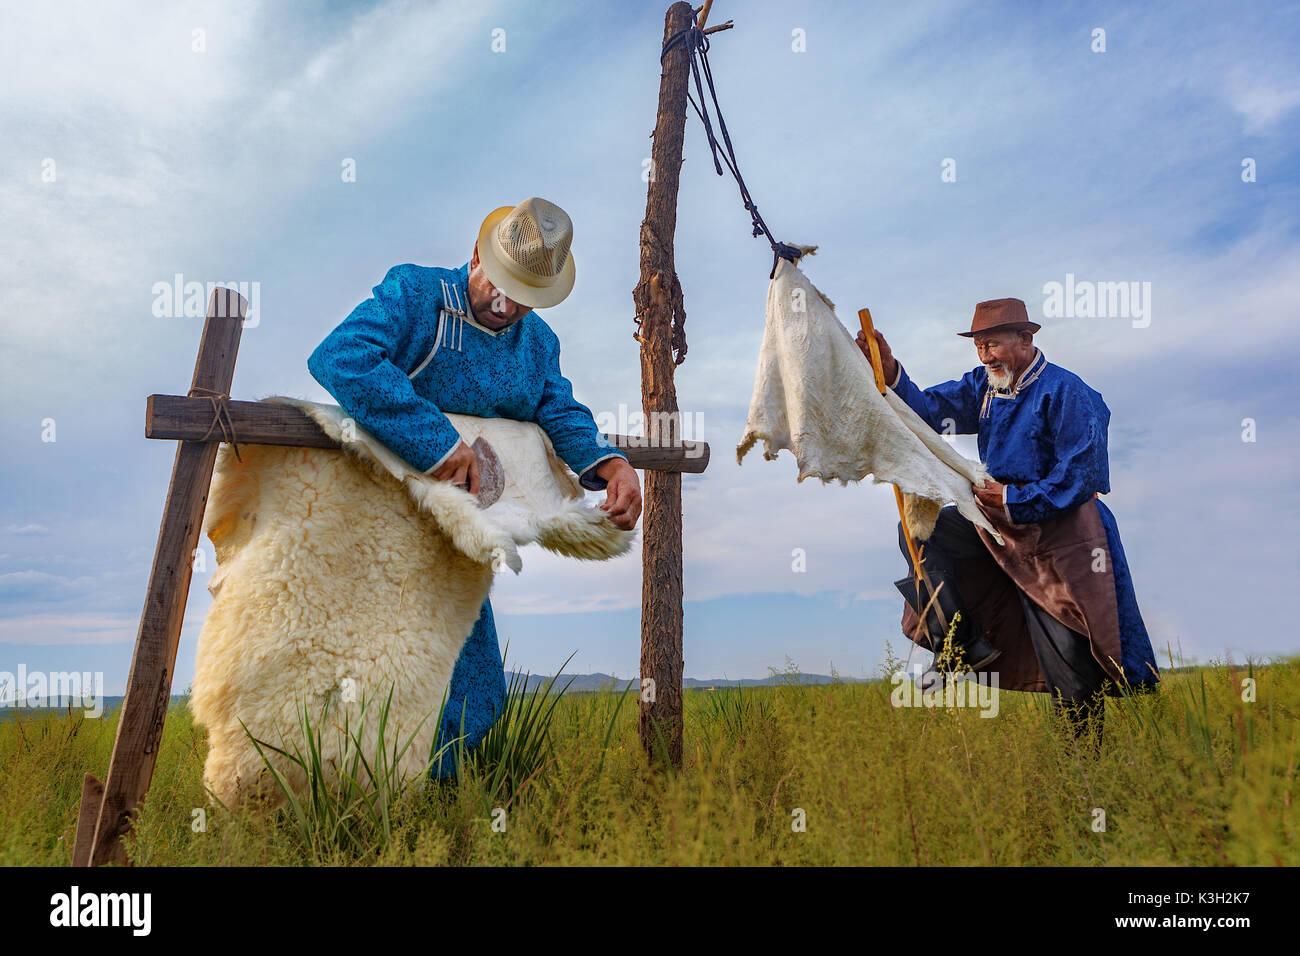 Mongolia interior, China-Julio 26, 2017: tradicionalmente vestidos viejos hombres mongol procesar las pieles de oveja en una forma tradicional para ulteriores trabajos en cuero. Imagen De Stock